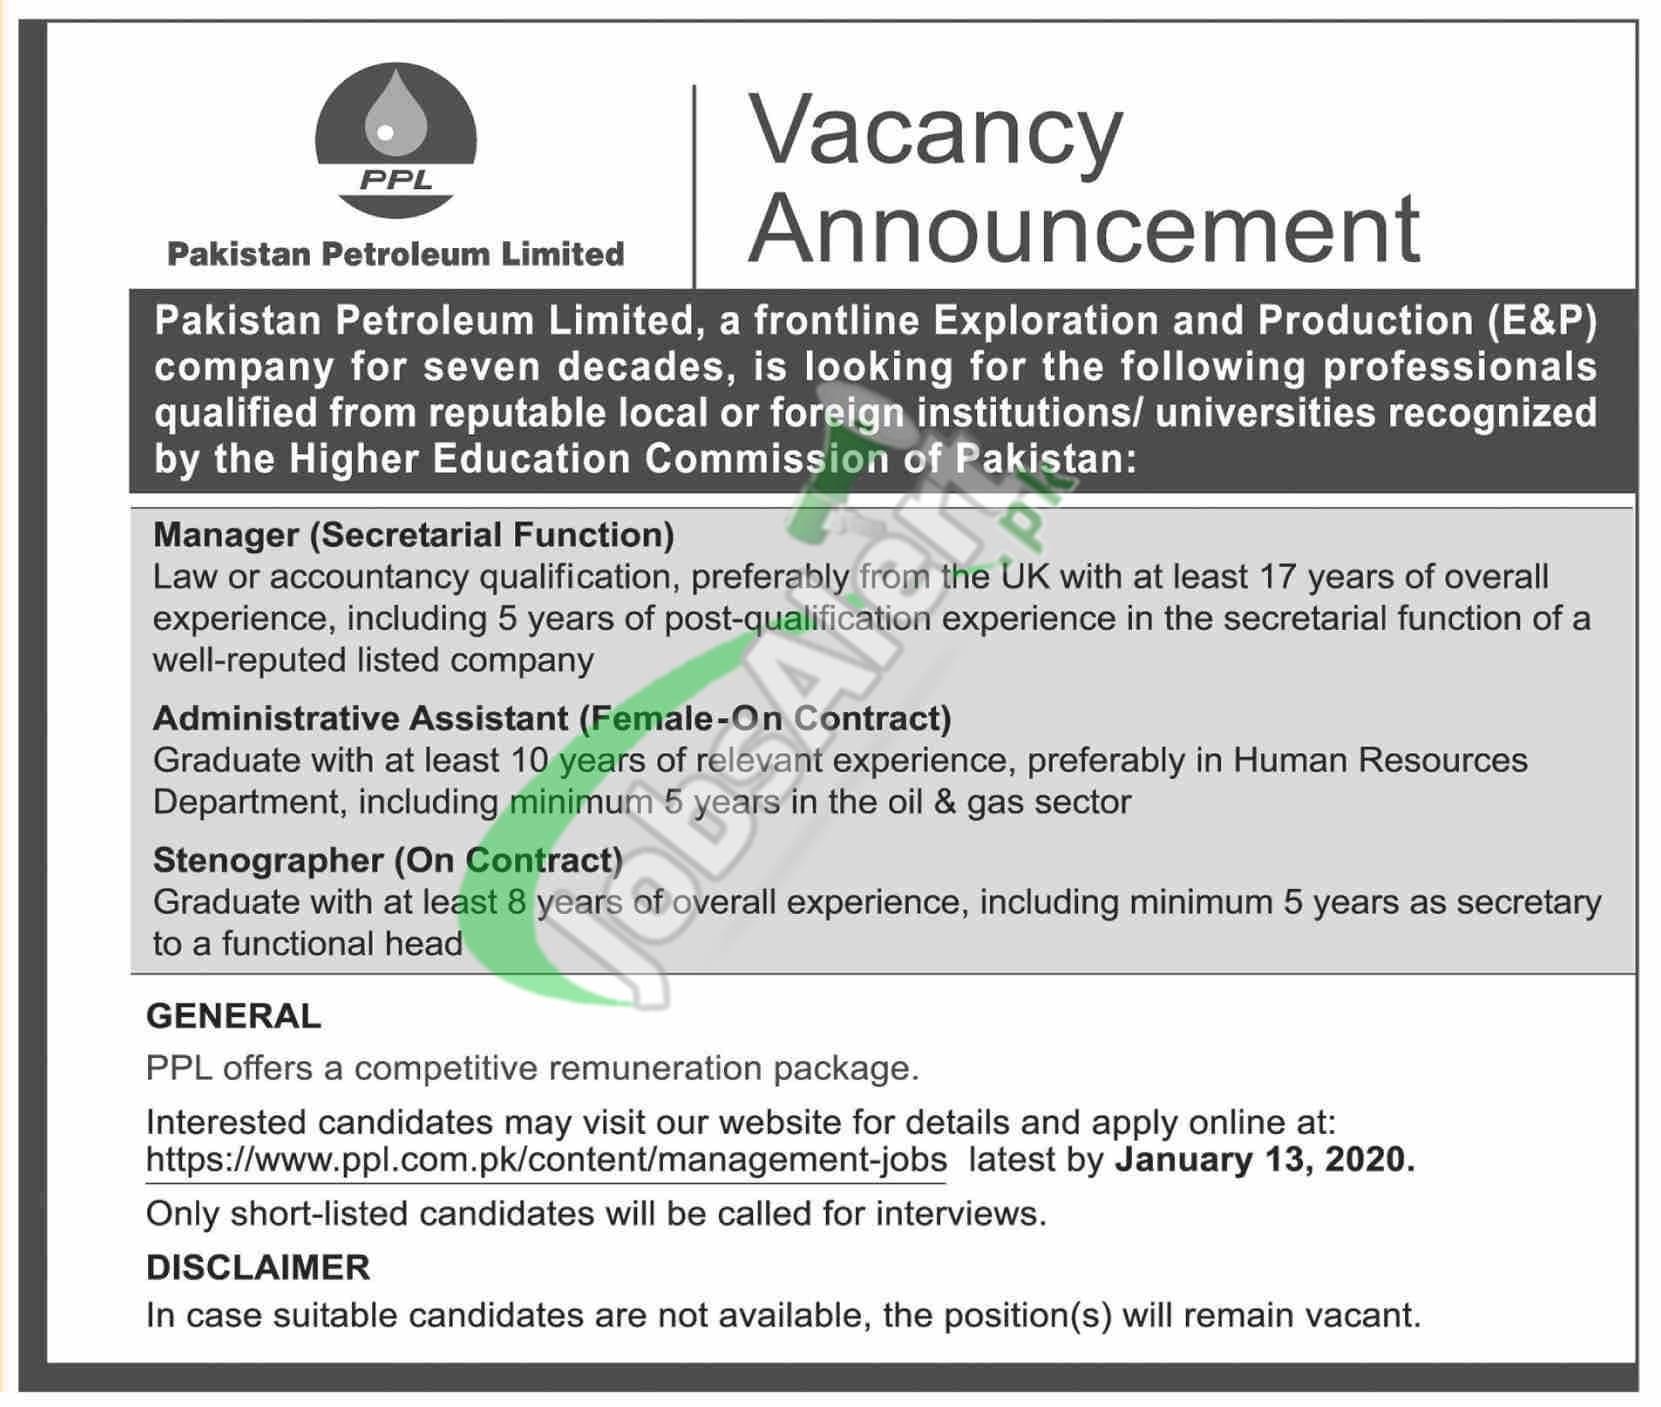 Pakistan Petroleum Limited Vacancy Announcement